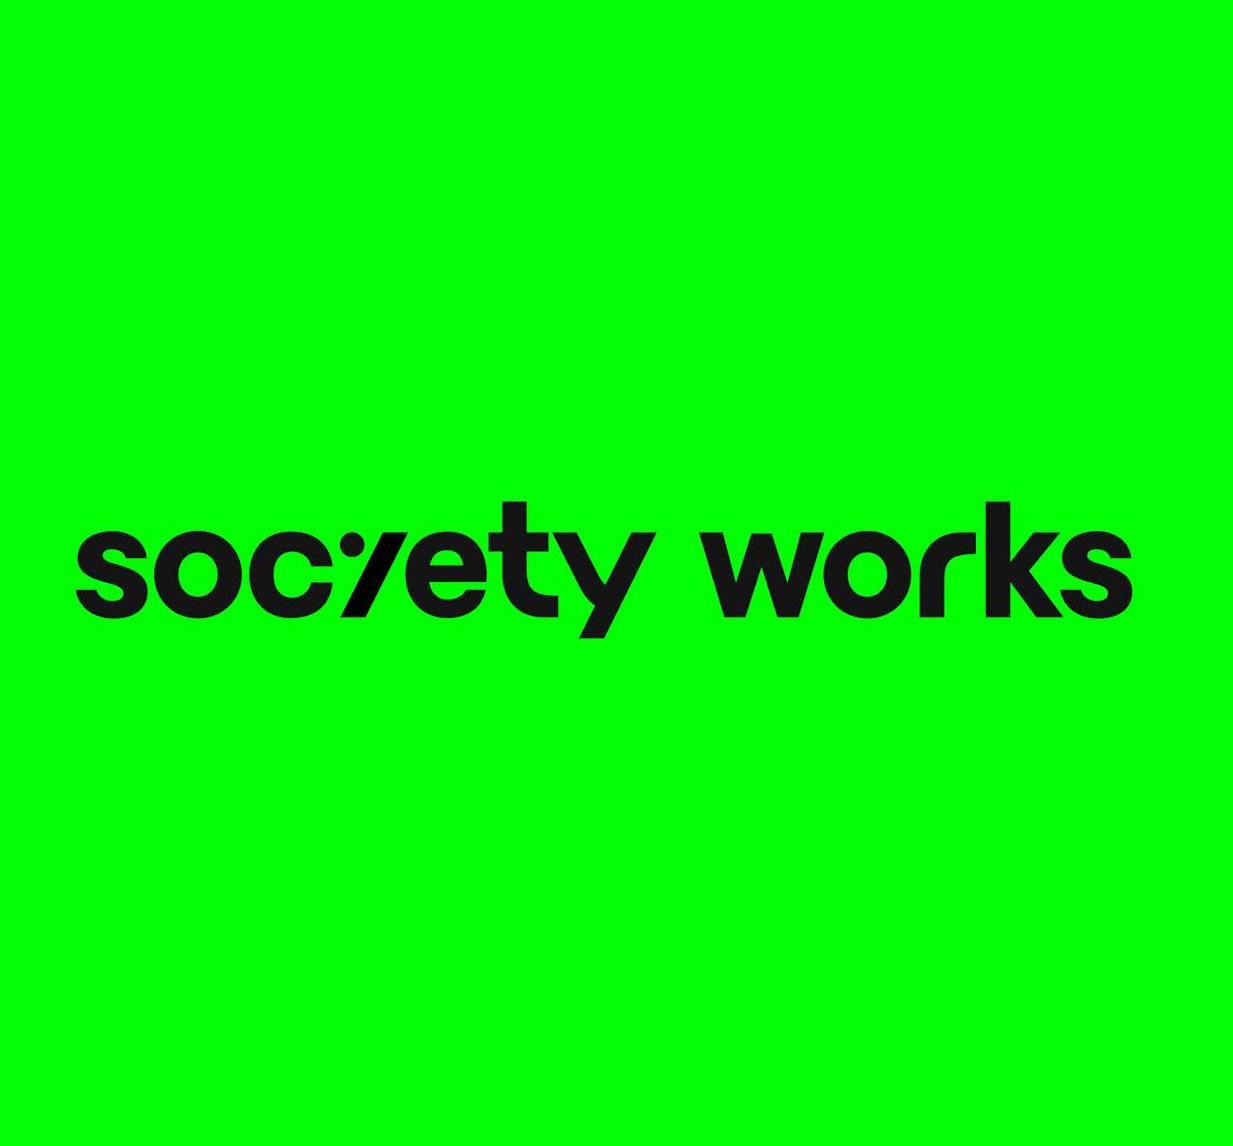 Café- och receptionsvärd till Society Works